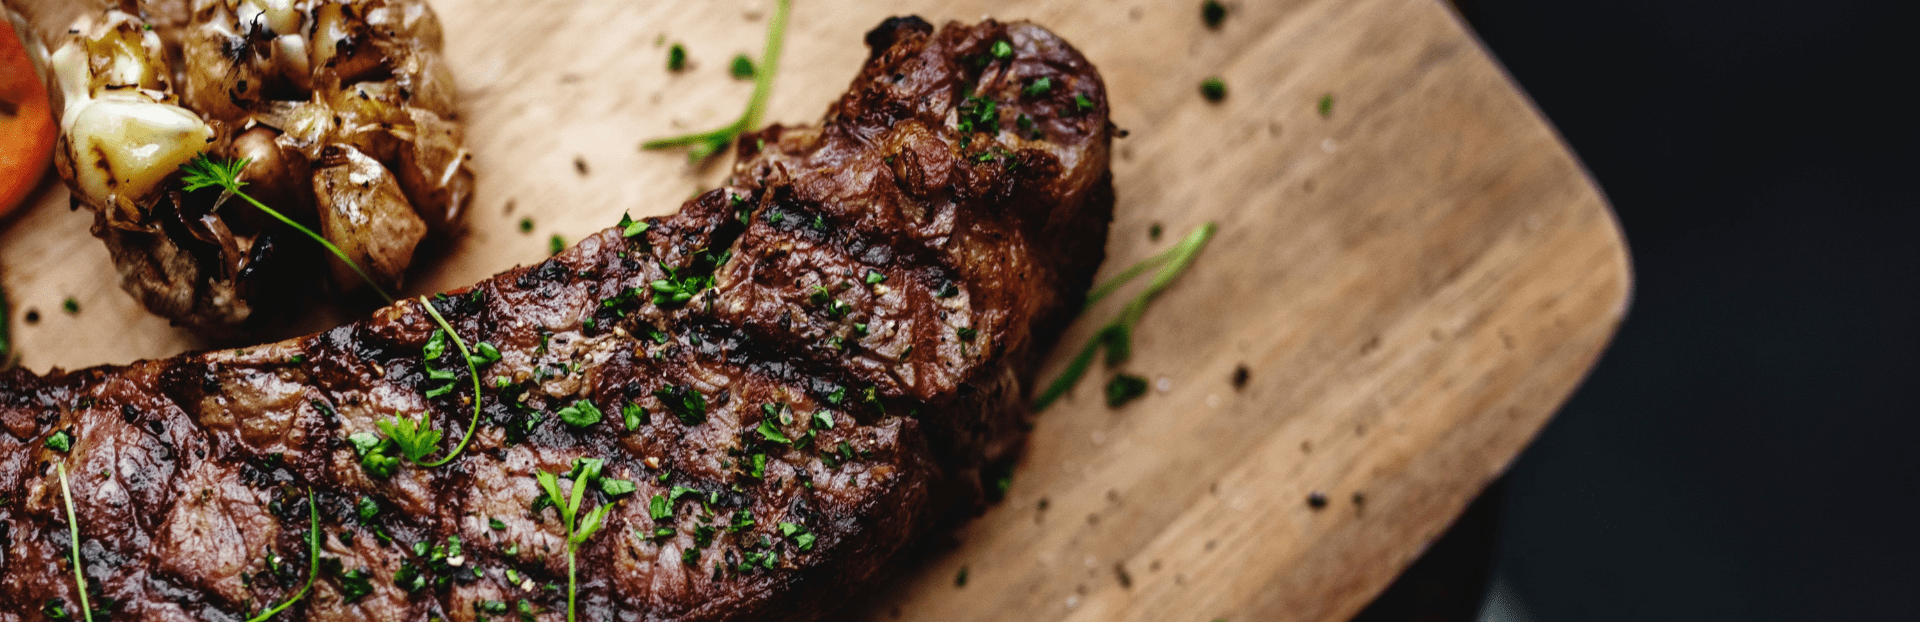 Tender Tasty NZ Beef